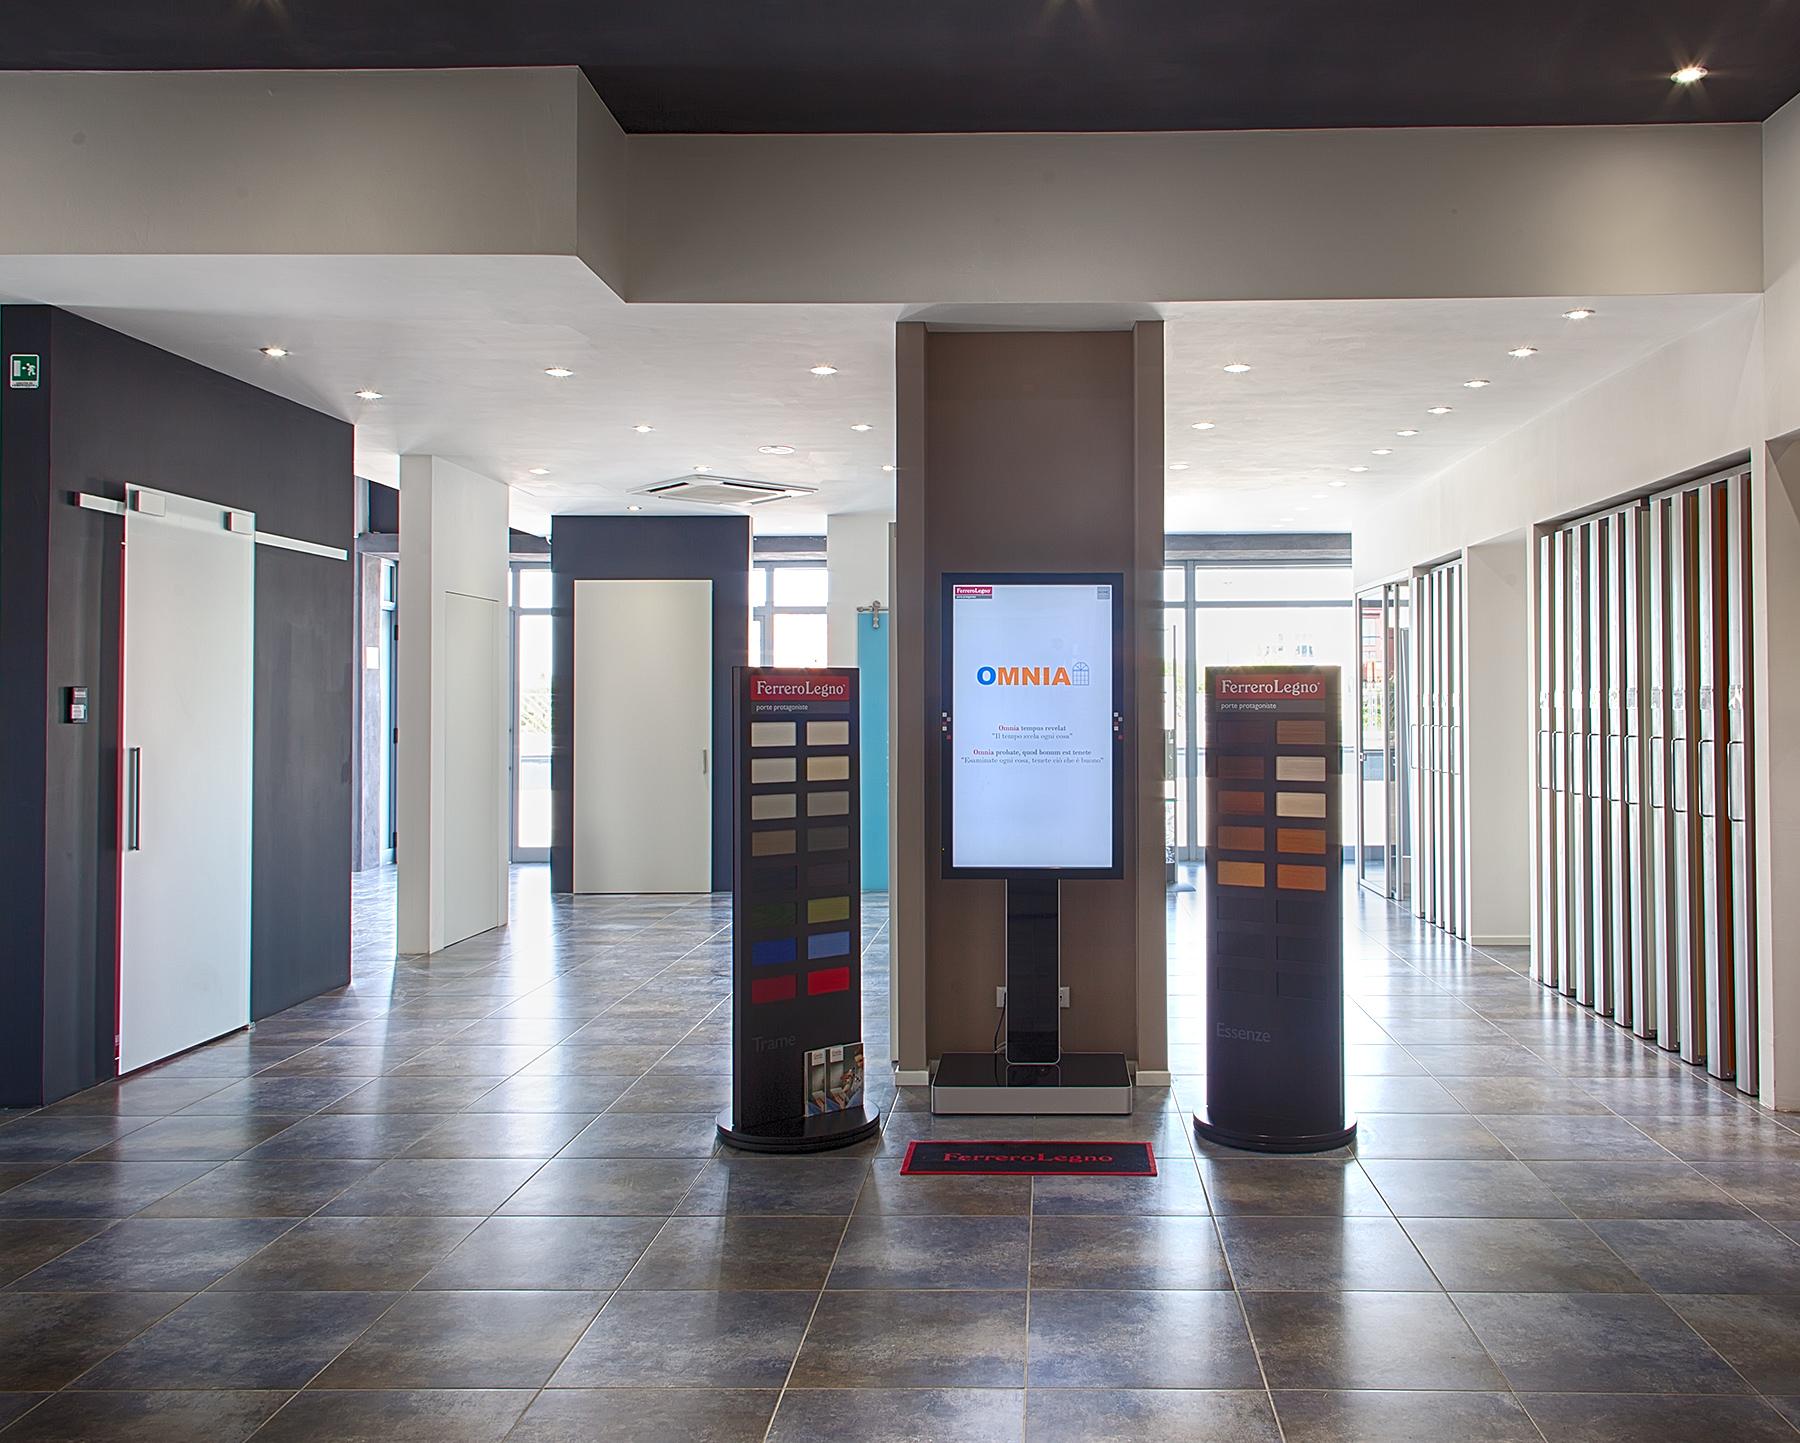 Configuratore Porte interne Ferrero Legno Omnia a Pisa